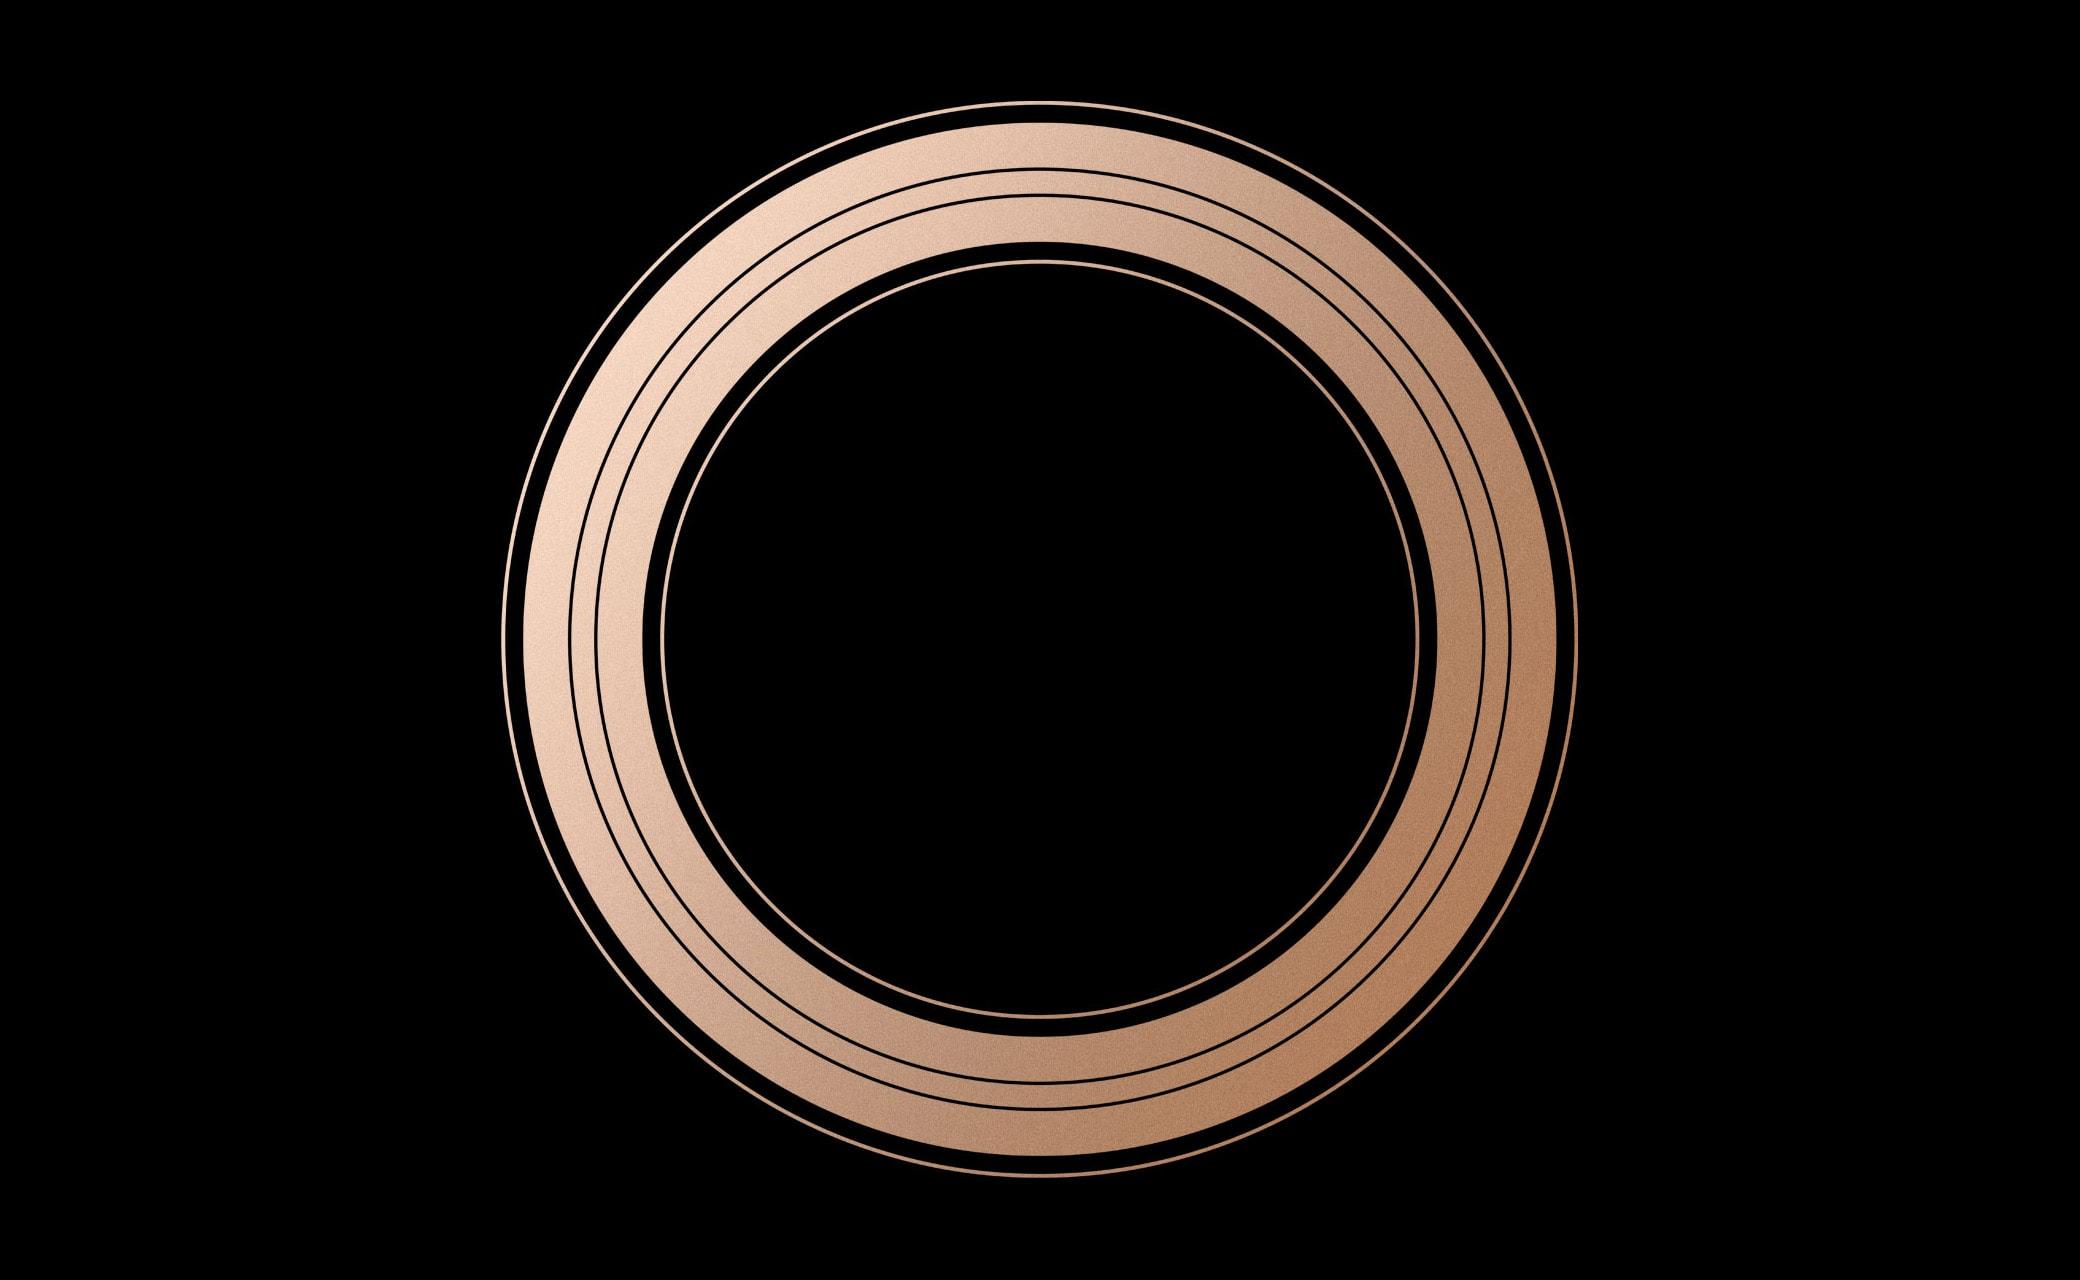 Appleが発表したモノまとめ 新iphone 新apple Watch 新osの